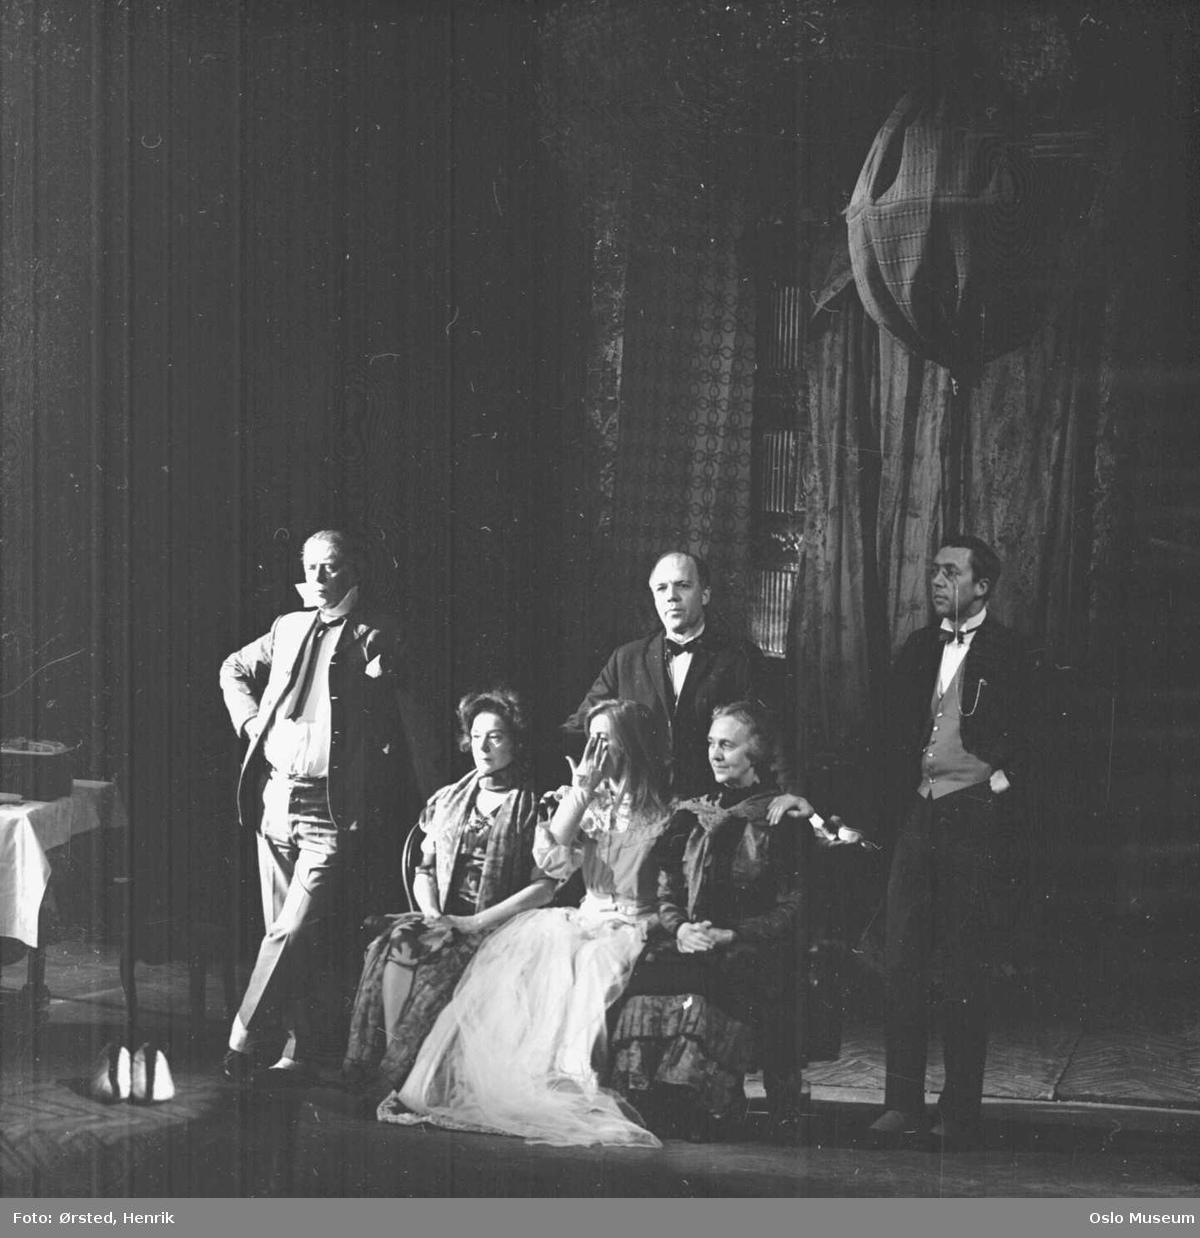 Det Norske Teatret, sceneprøve Tango, skuespillere